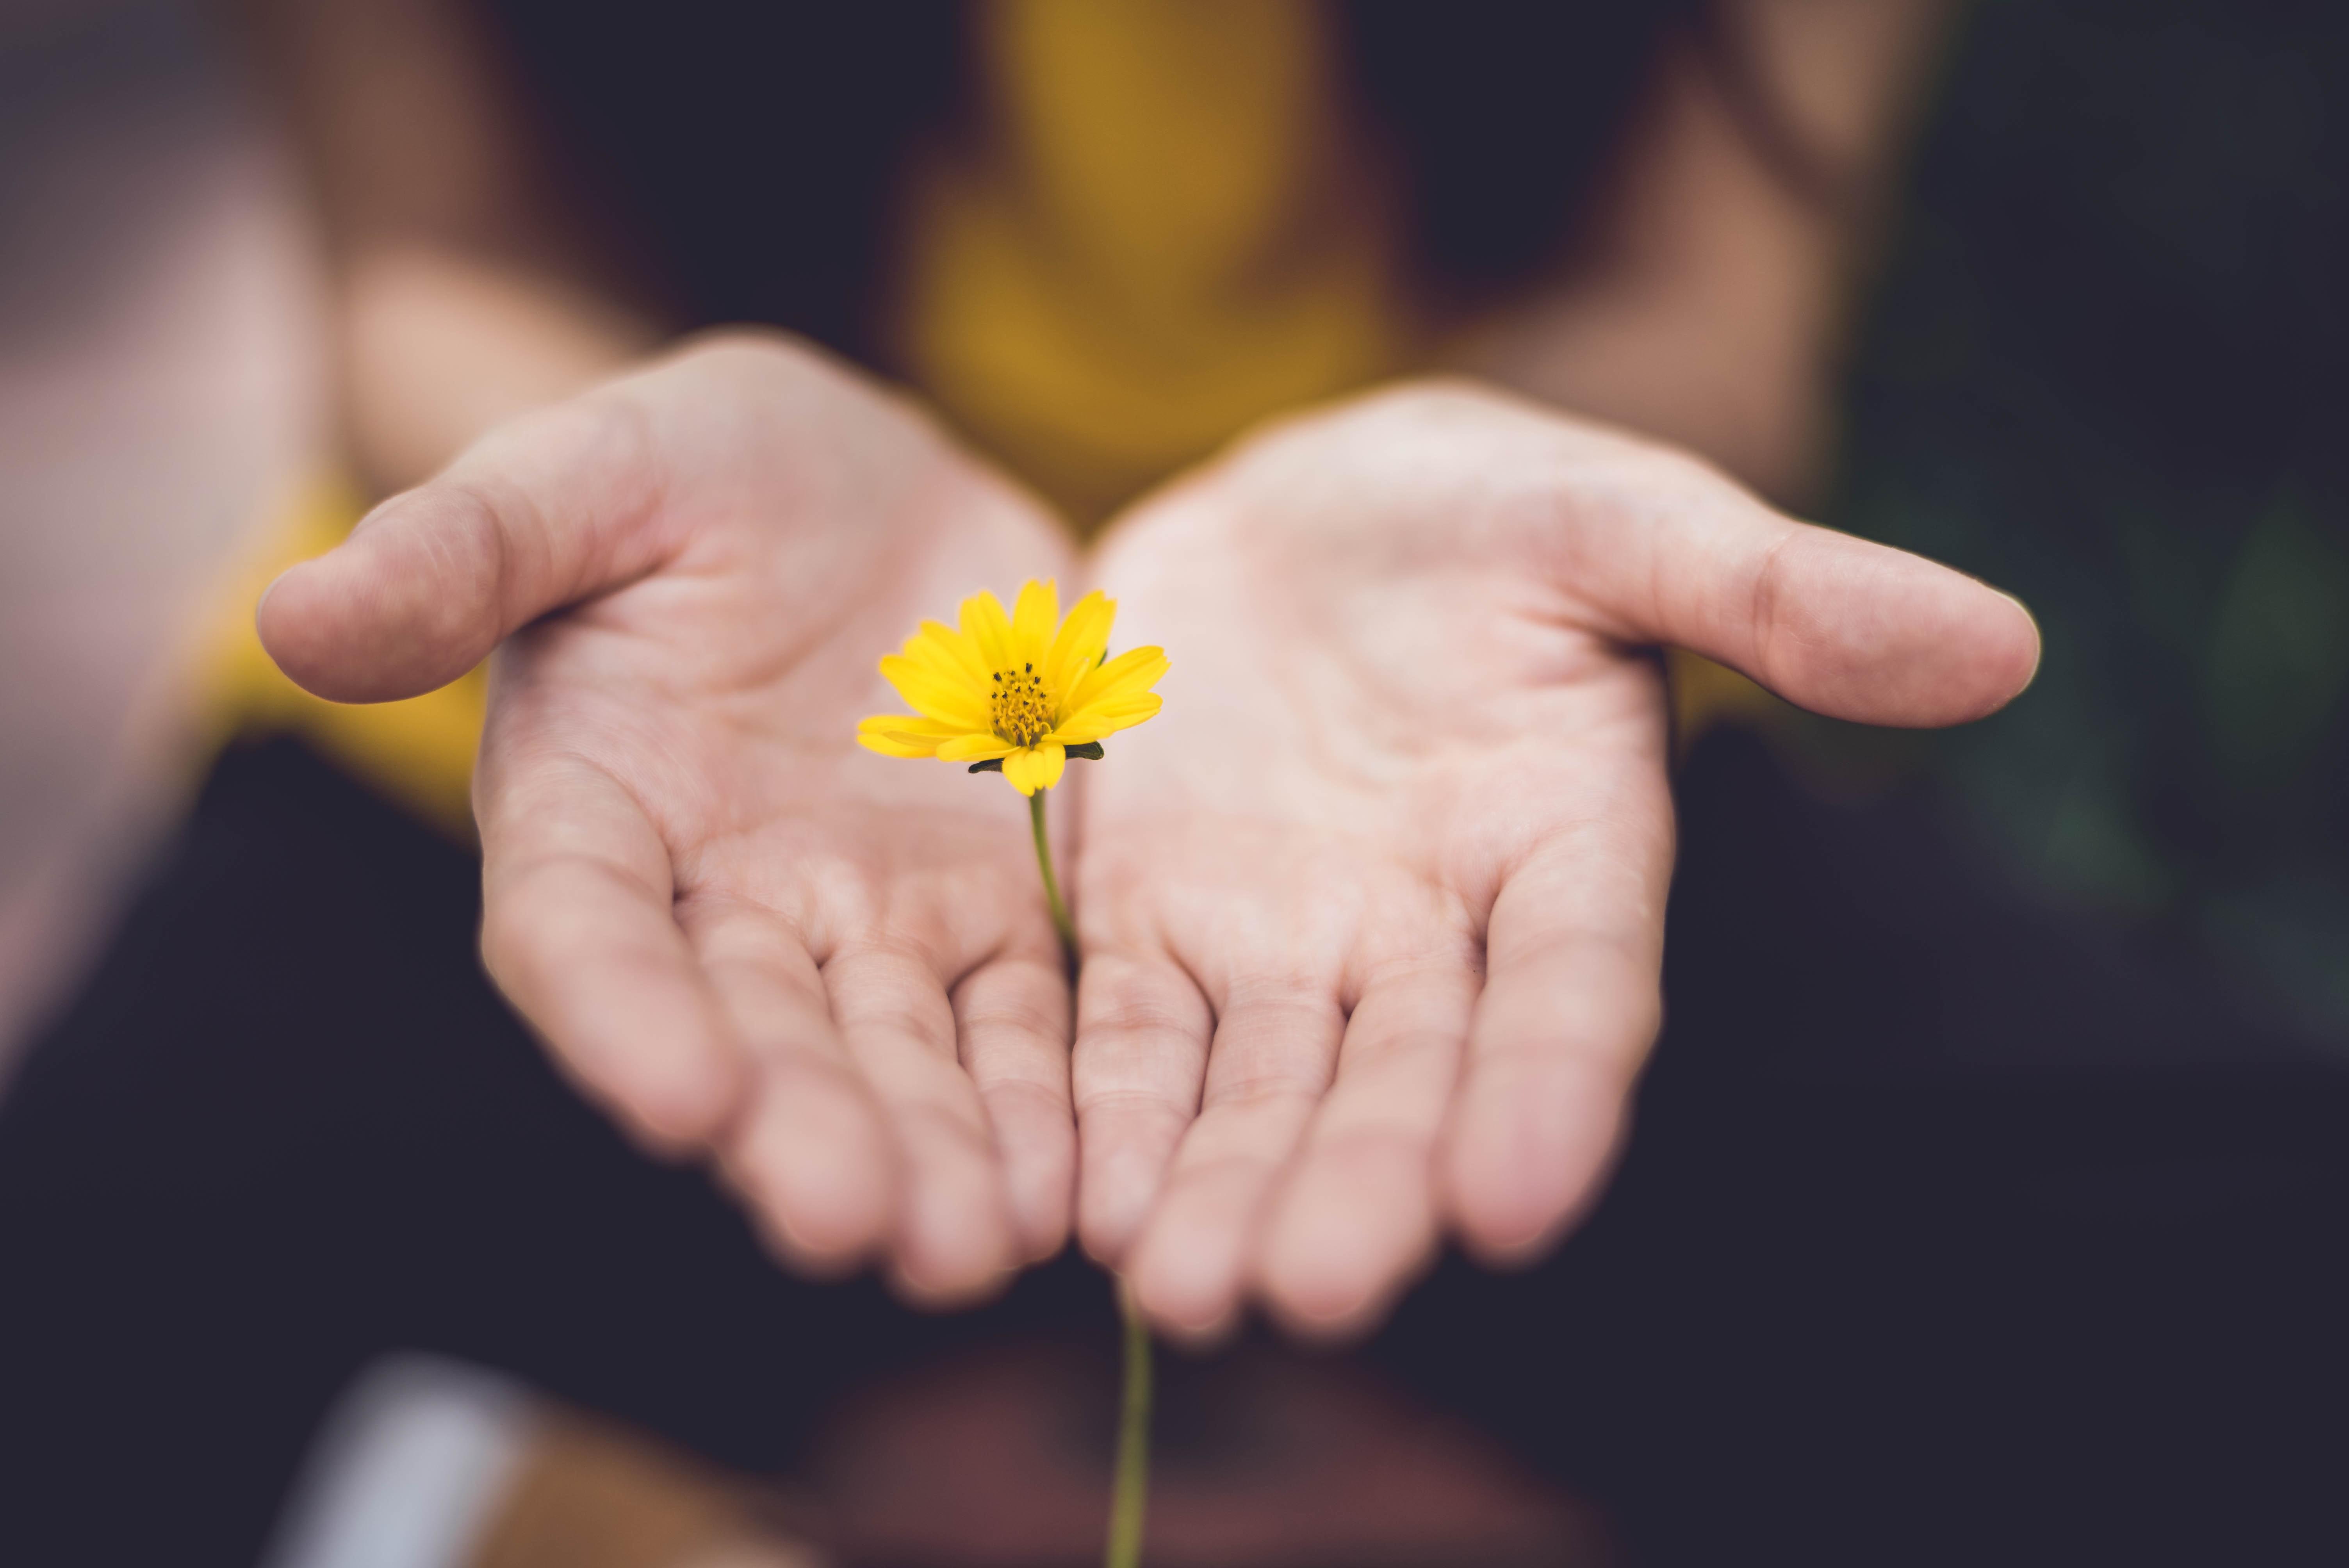 bánh xe số phận sự kỳ vọng bông hoa